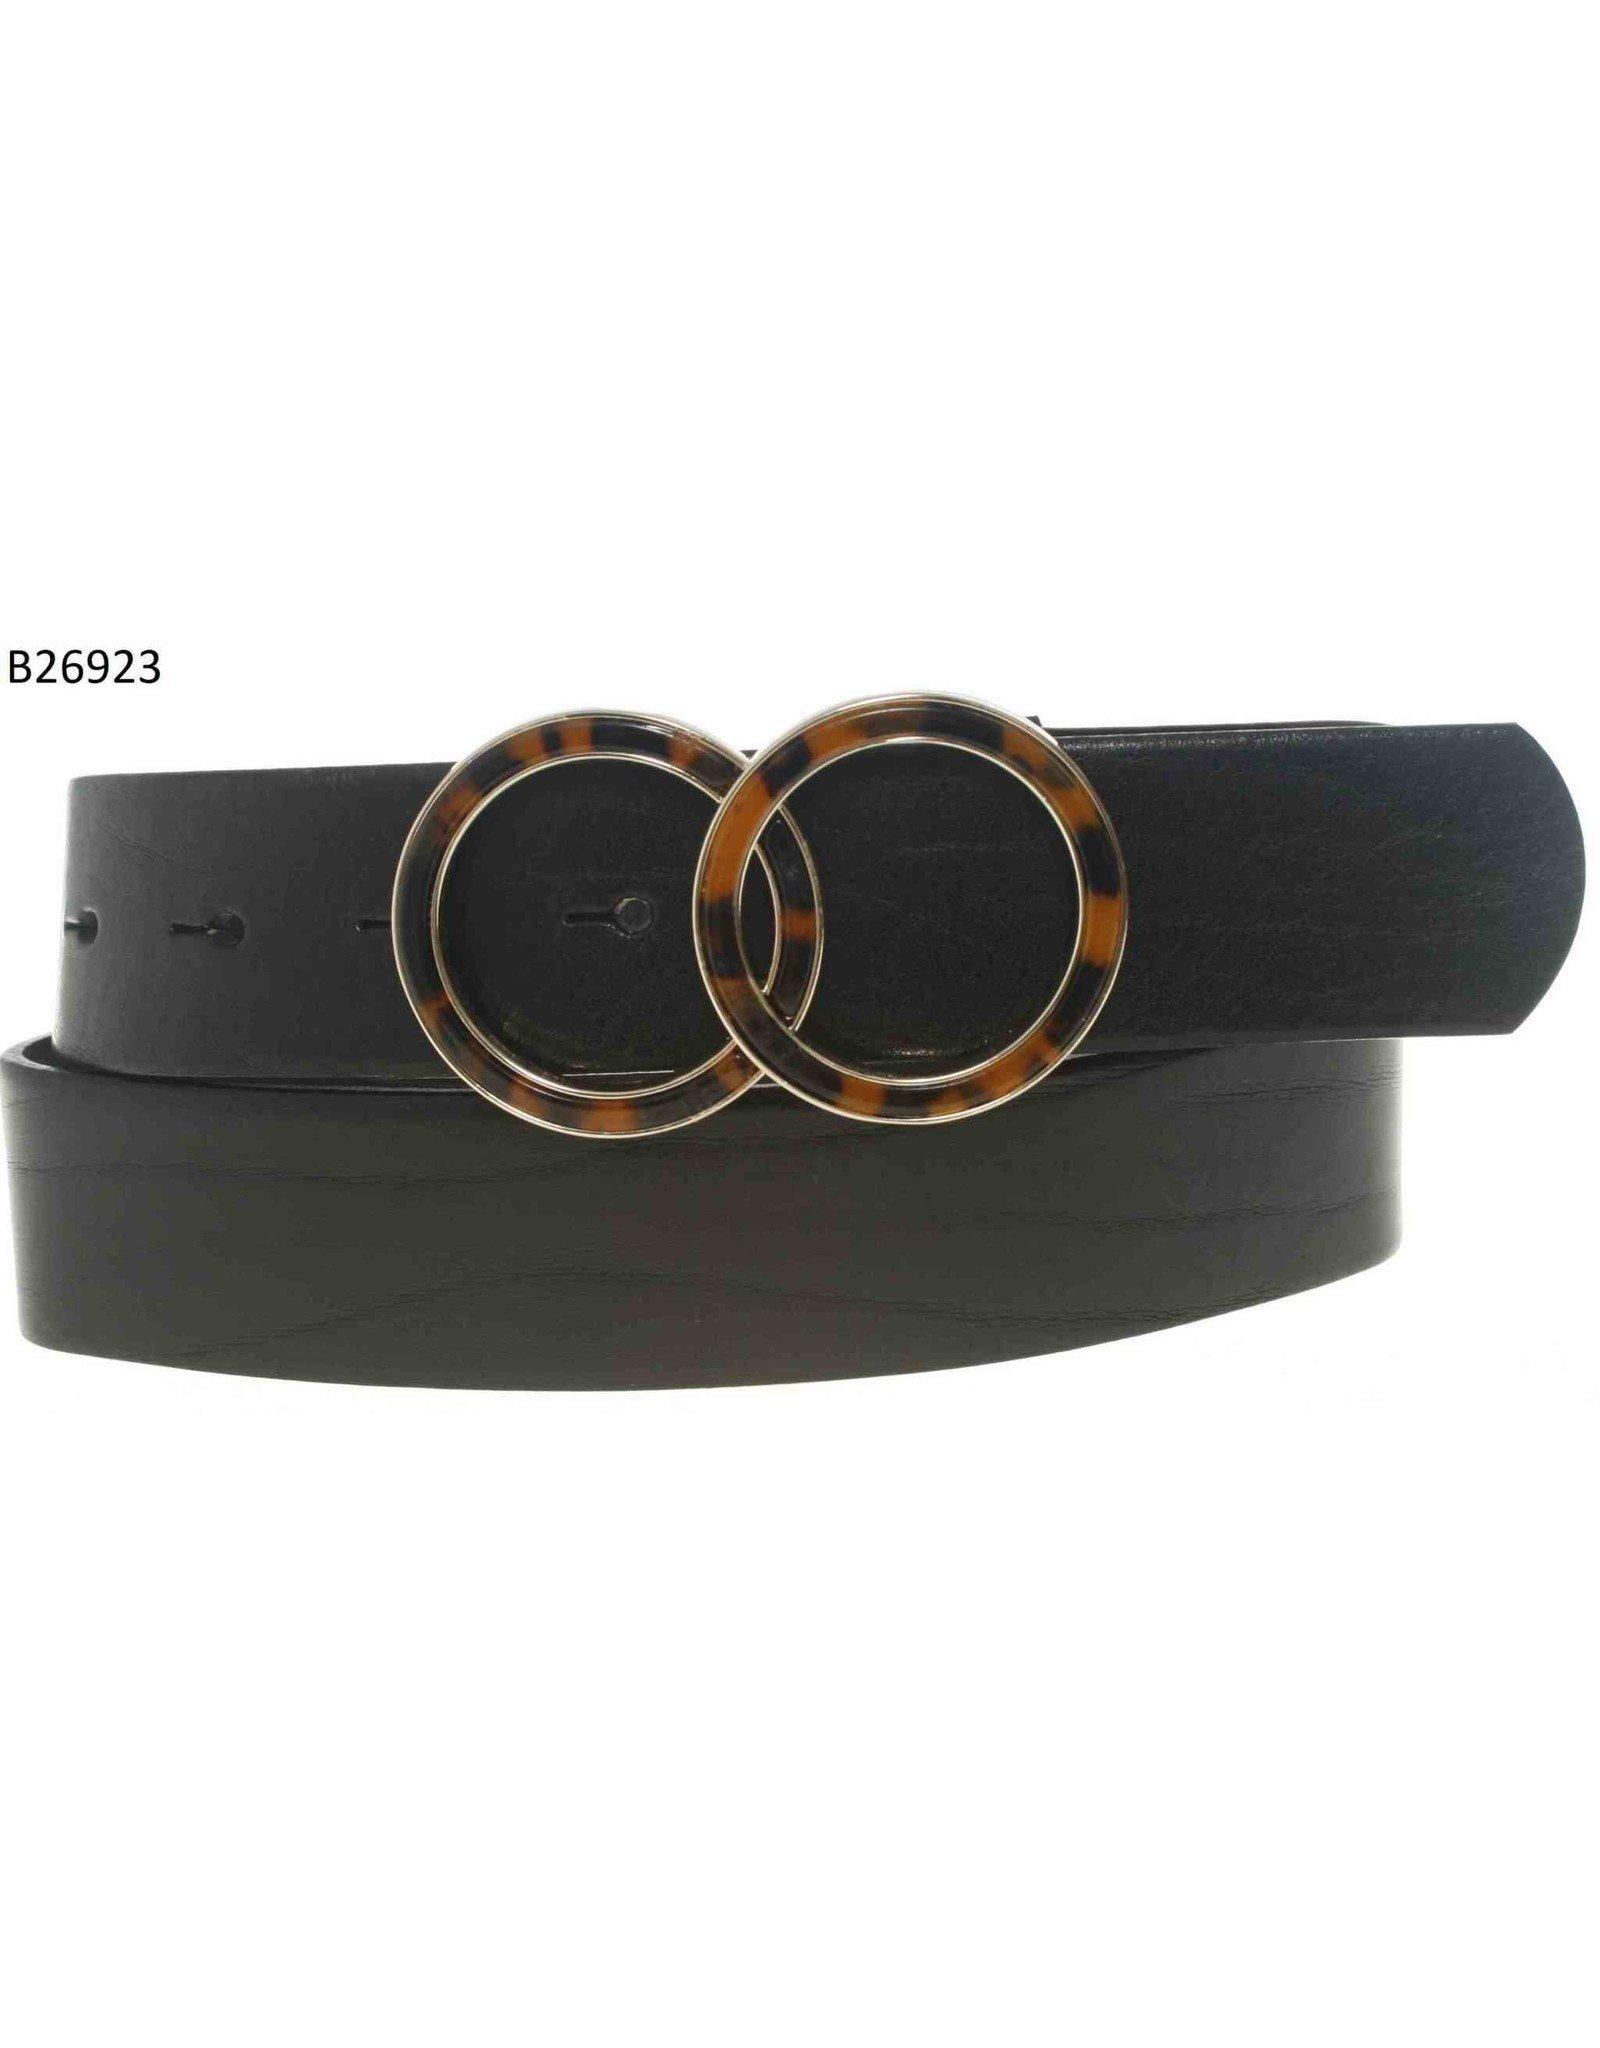 Medike Landes Medike Landes - Portia leather belt with tortoise shell accent (black)